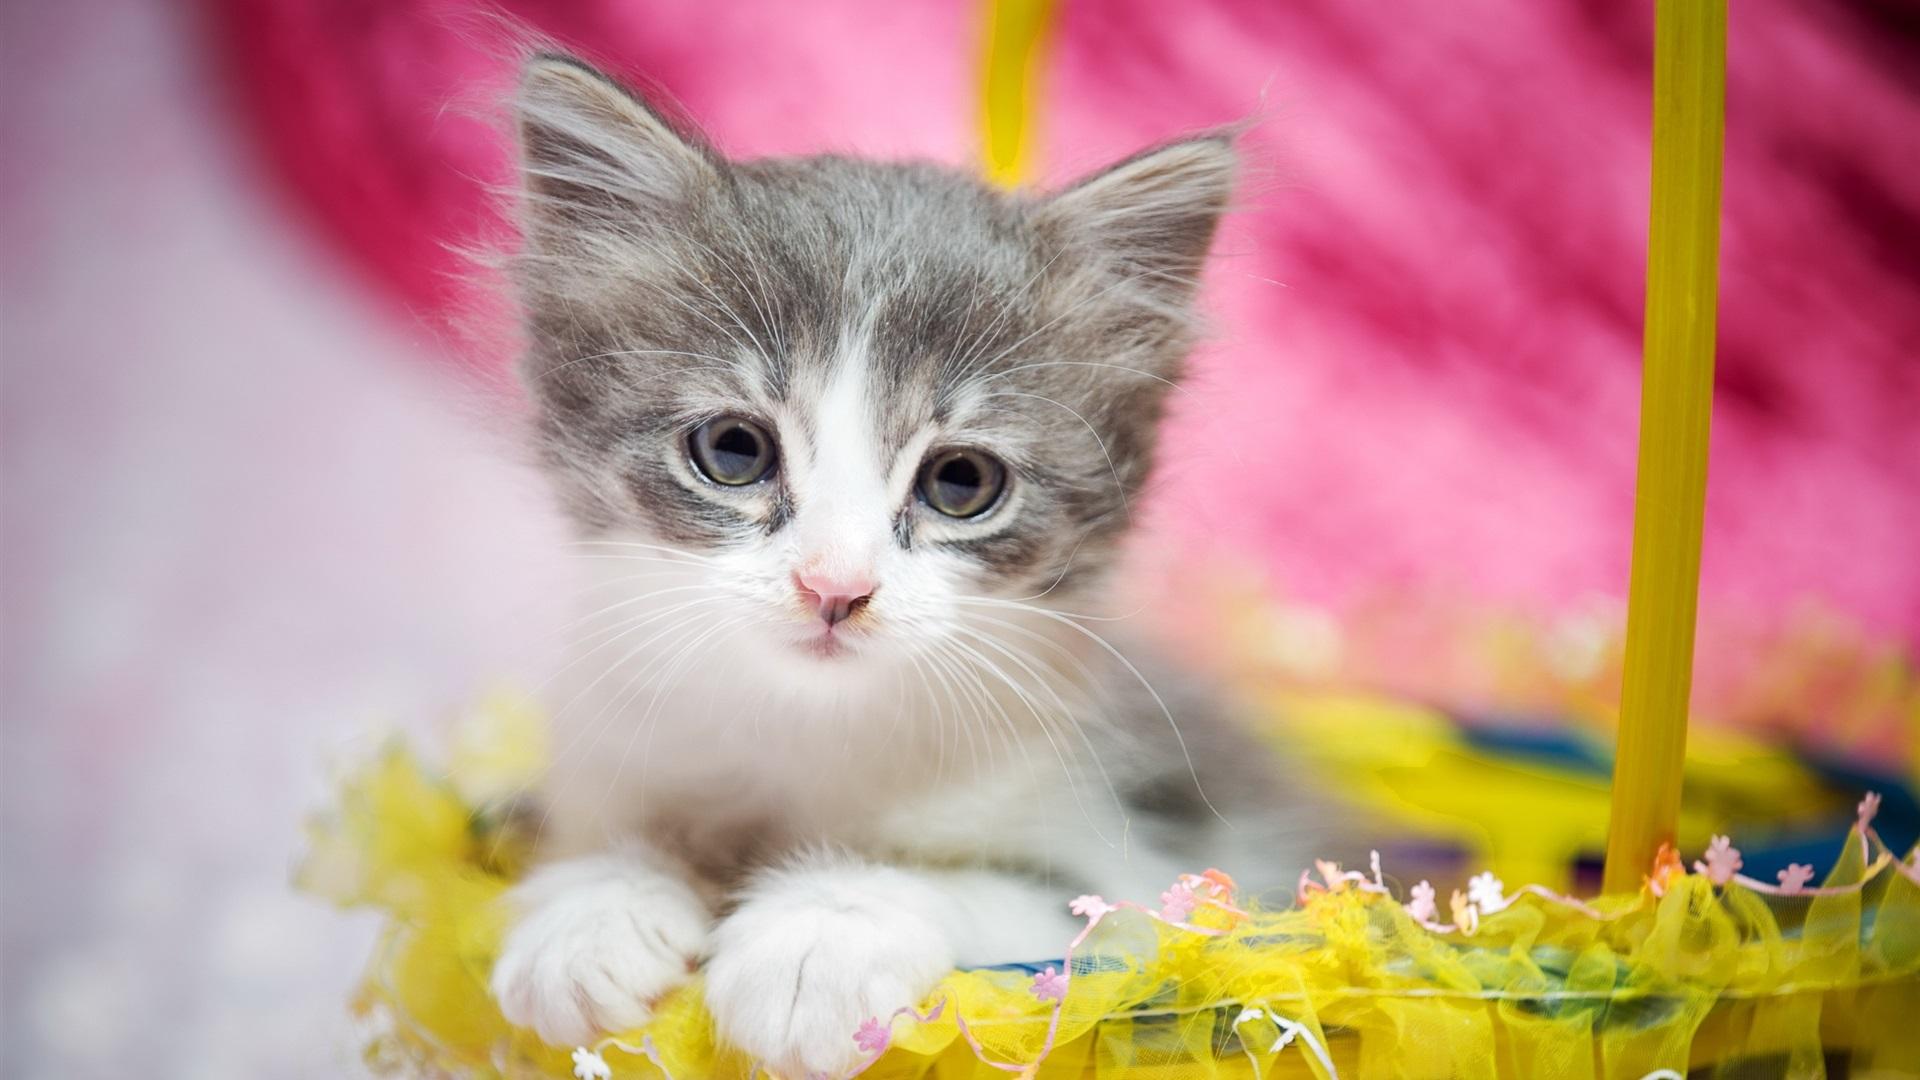 礼品 壁纸  可爱的小猫,毛茸茸,眼睛,礼品 桌布 - 1920x1080 全高清